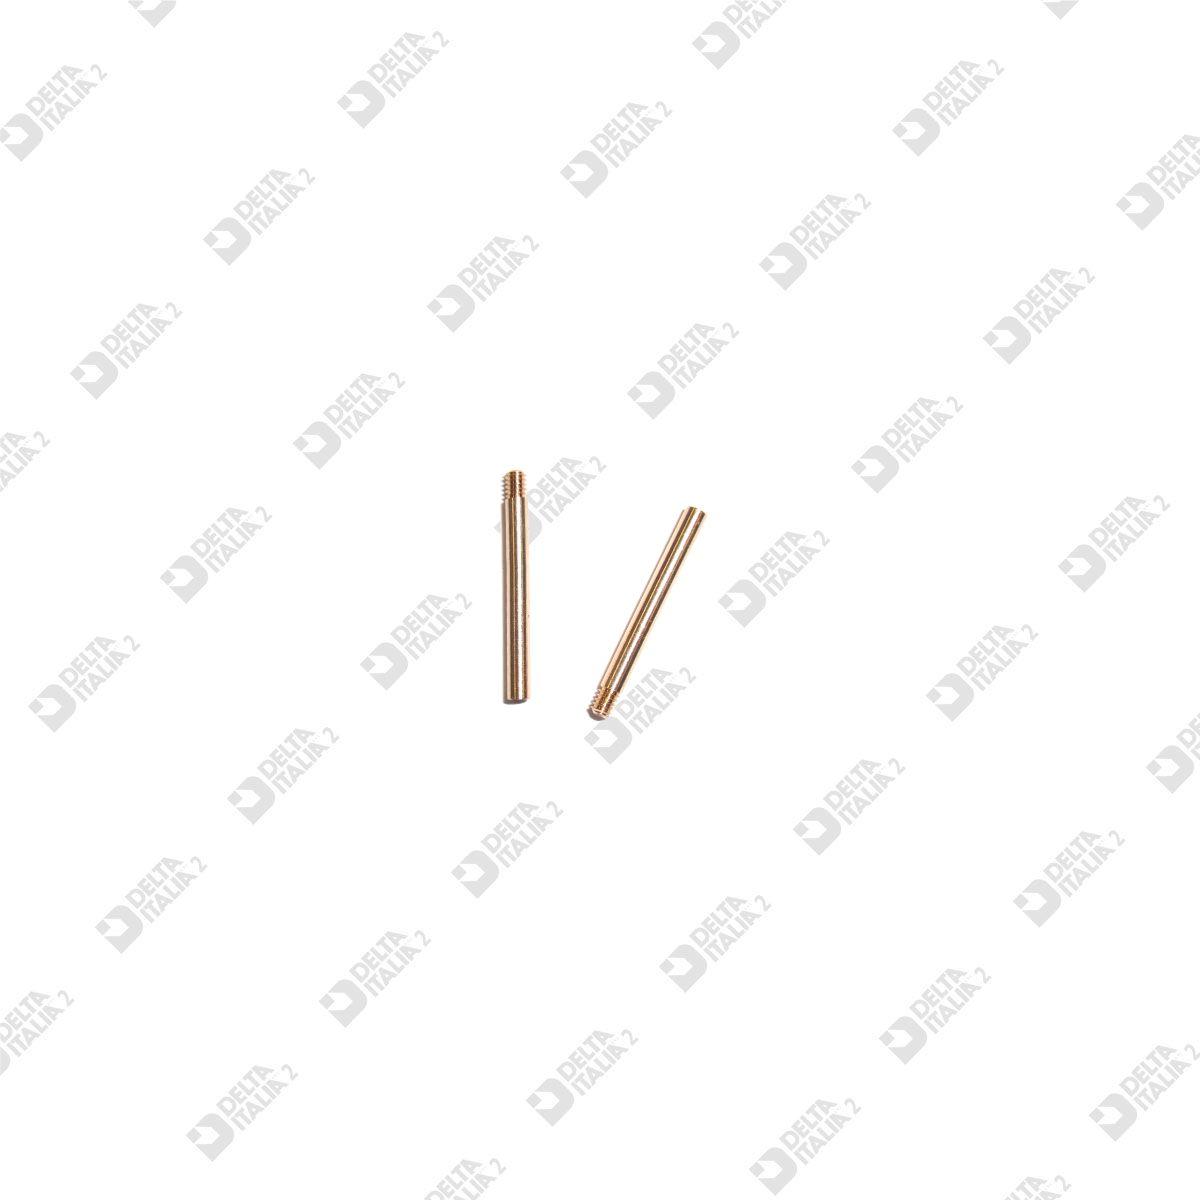 20x 300mm ROSSO SPINA MURO 3.5-4.5 mm di Diametro Taglio 2 Lunghezza Self centraggio espansione STICK